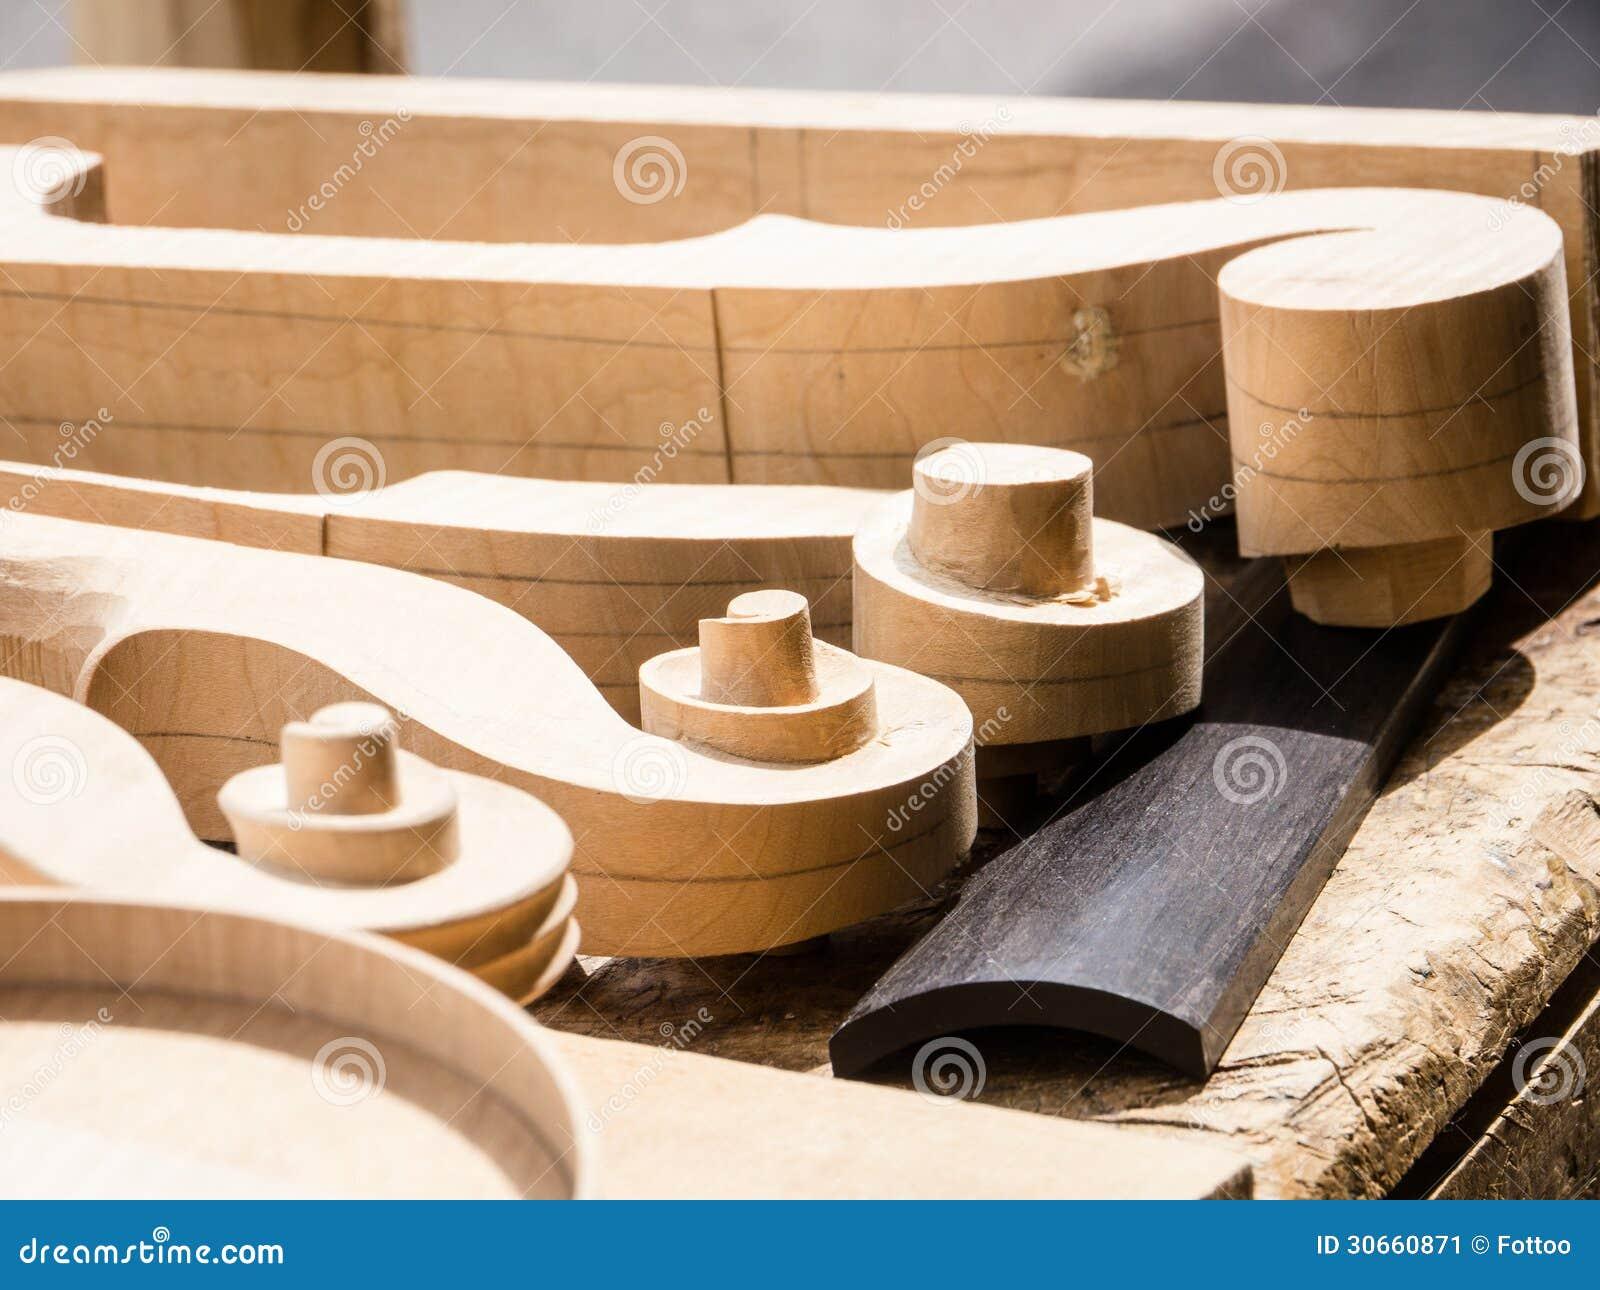 violin scrolls stock image image 30660871. Black Bedroom Furniture Sets. Home Design Ideas